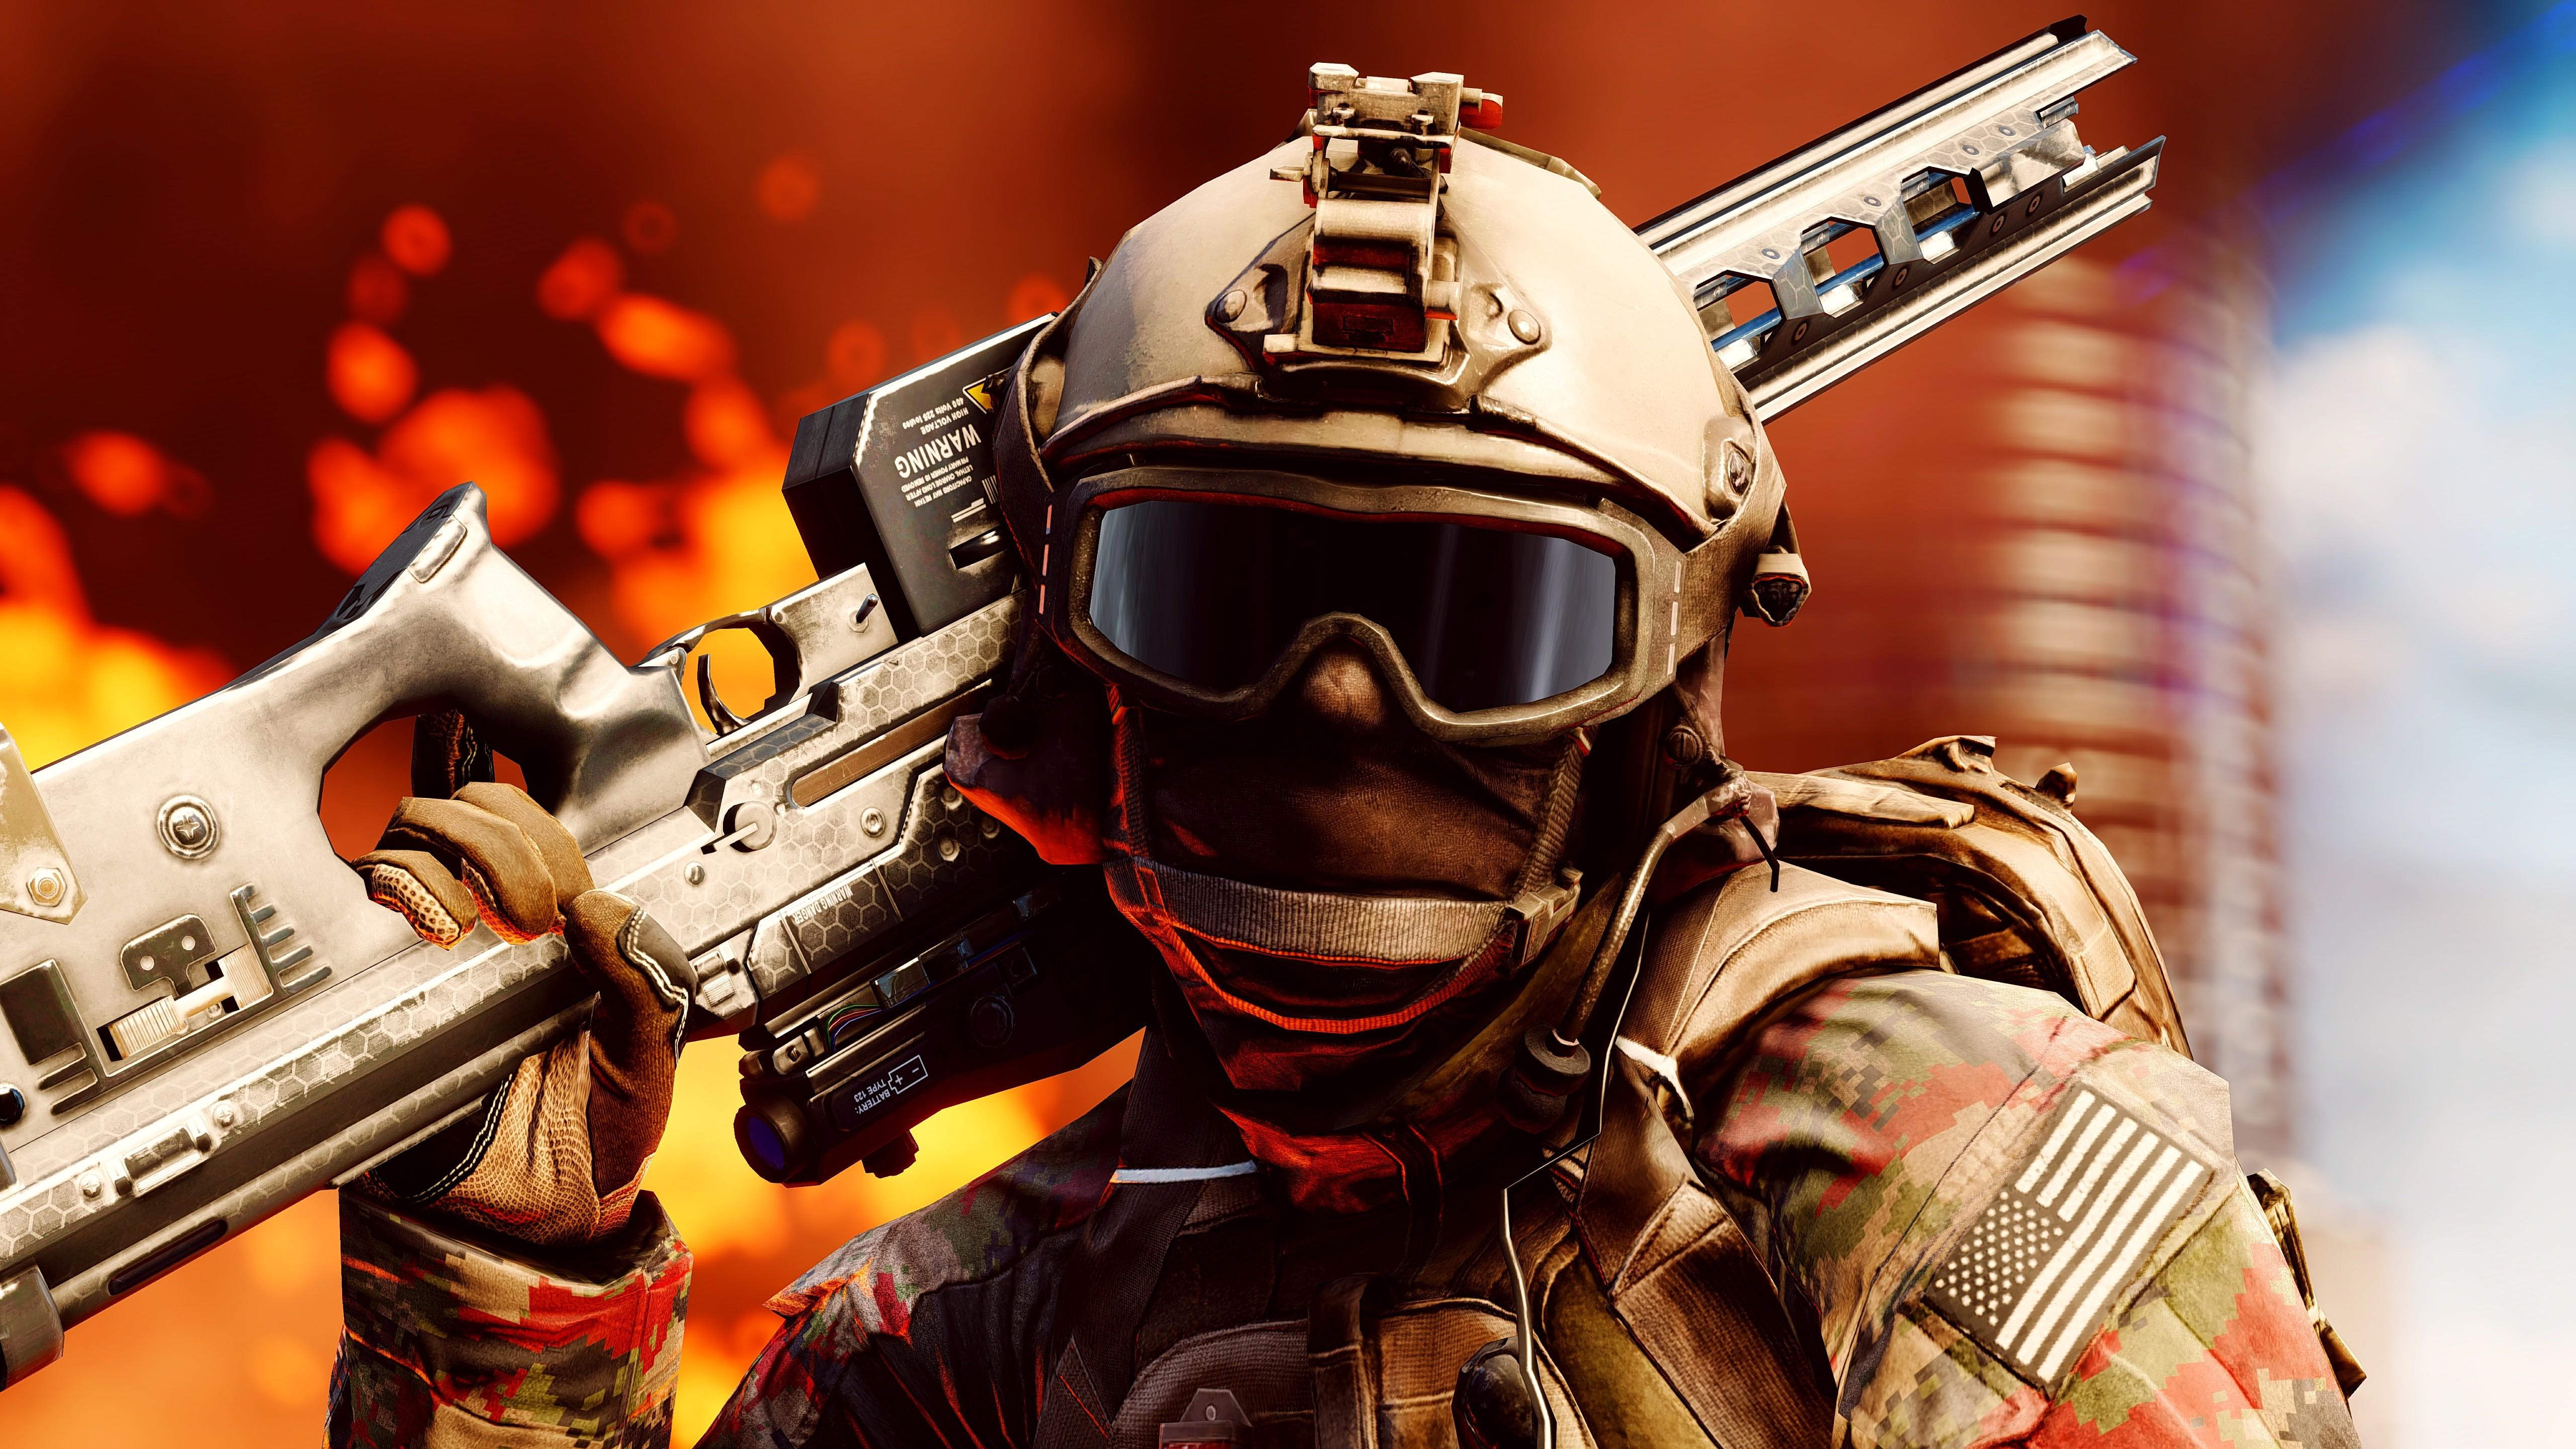 Pubg Hd Bilder: Wallpaper Battlefield 1, Sniper, Best Games Of 2016